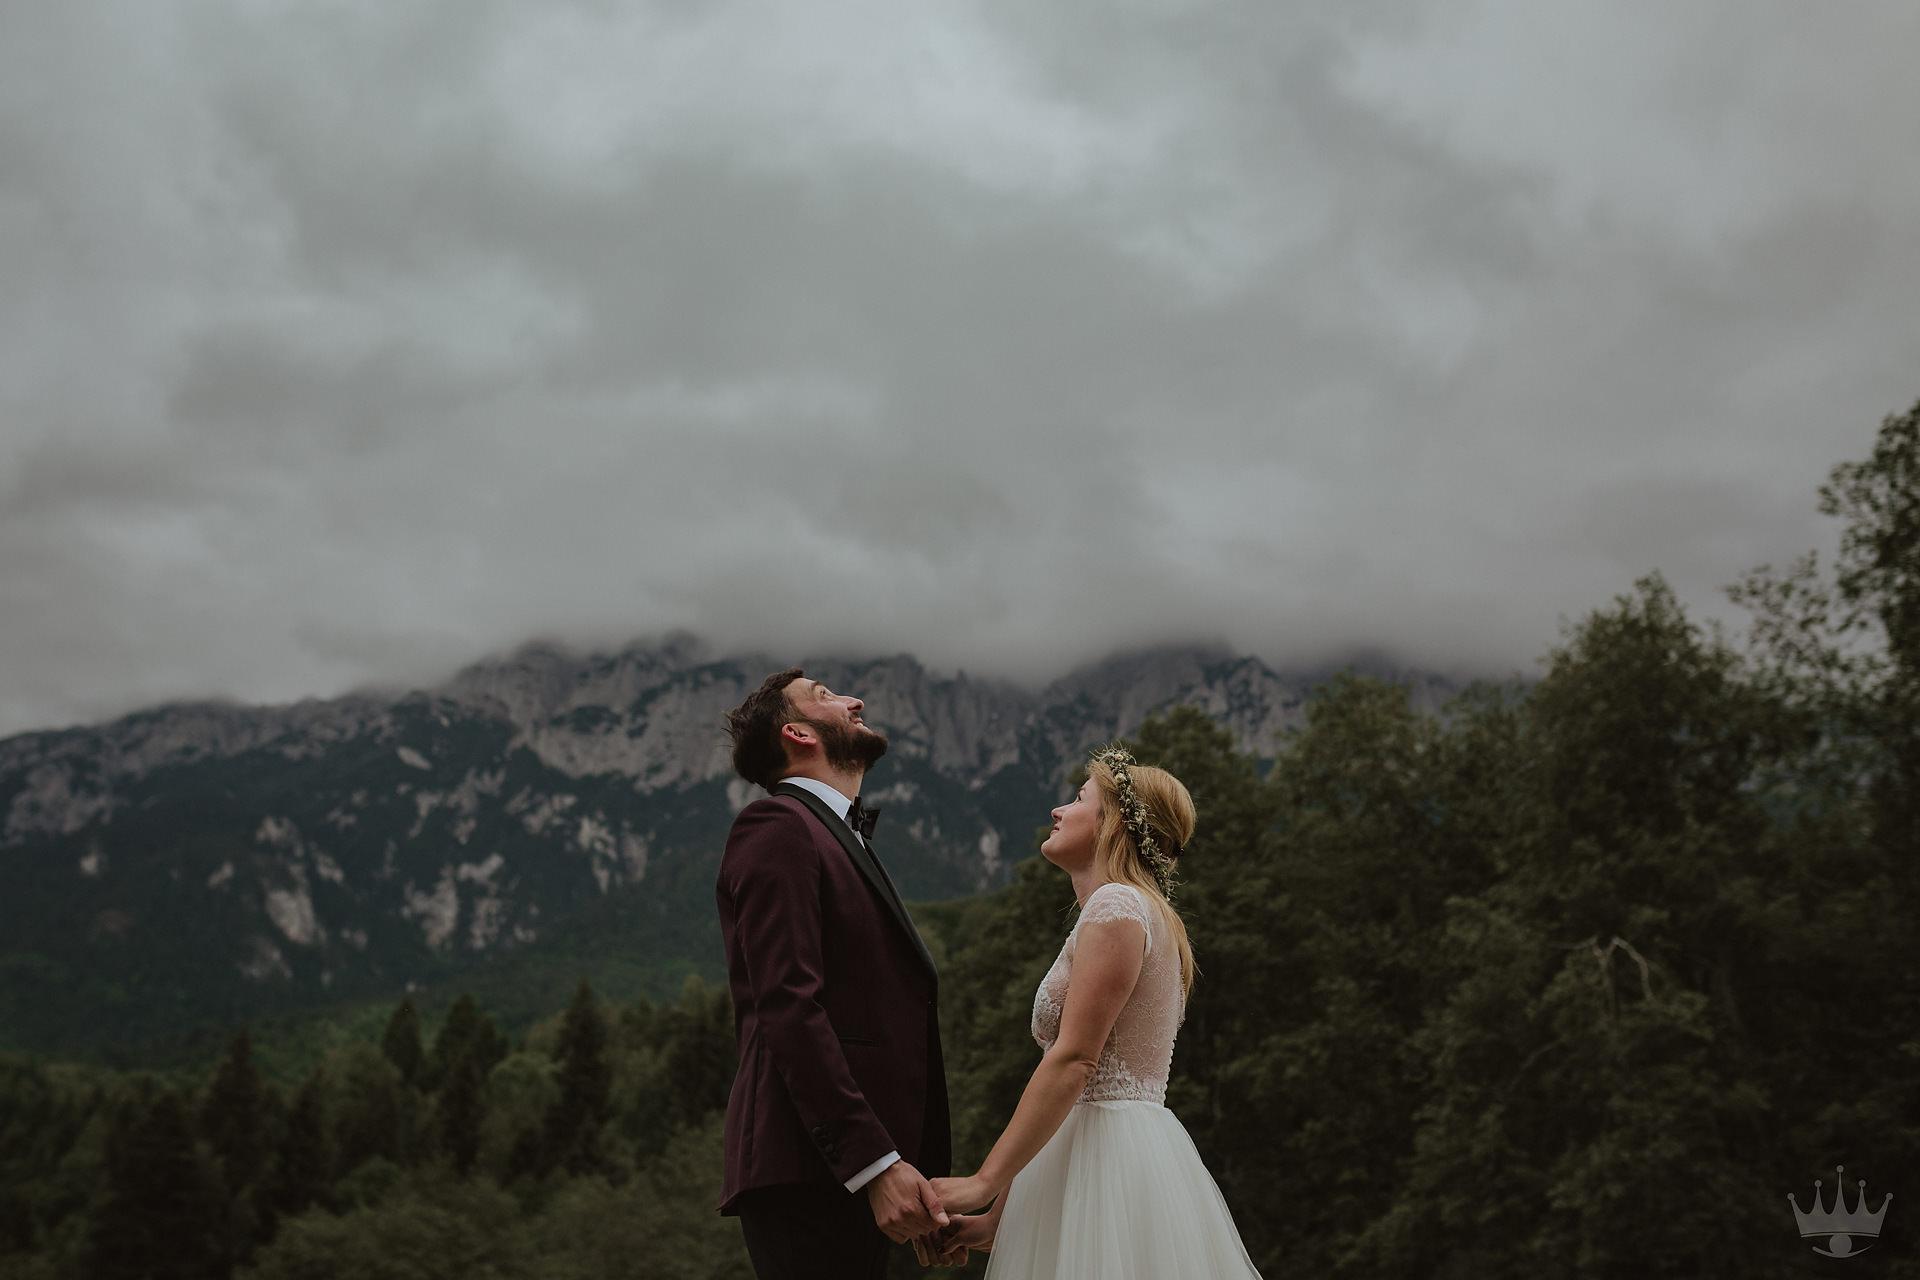 Fotograf-nunta-sedinta-foto-brasov-SeSiVede Fotografie-001